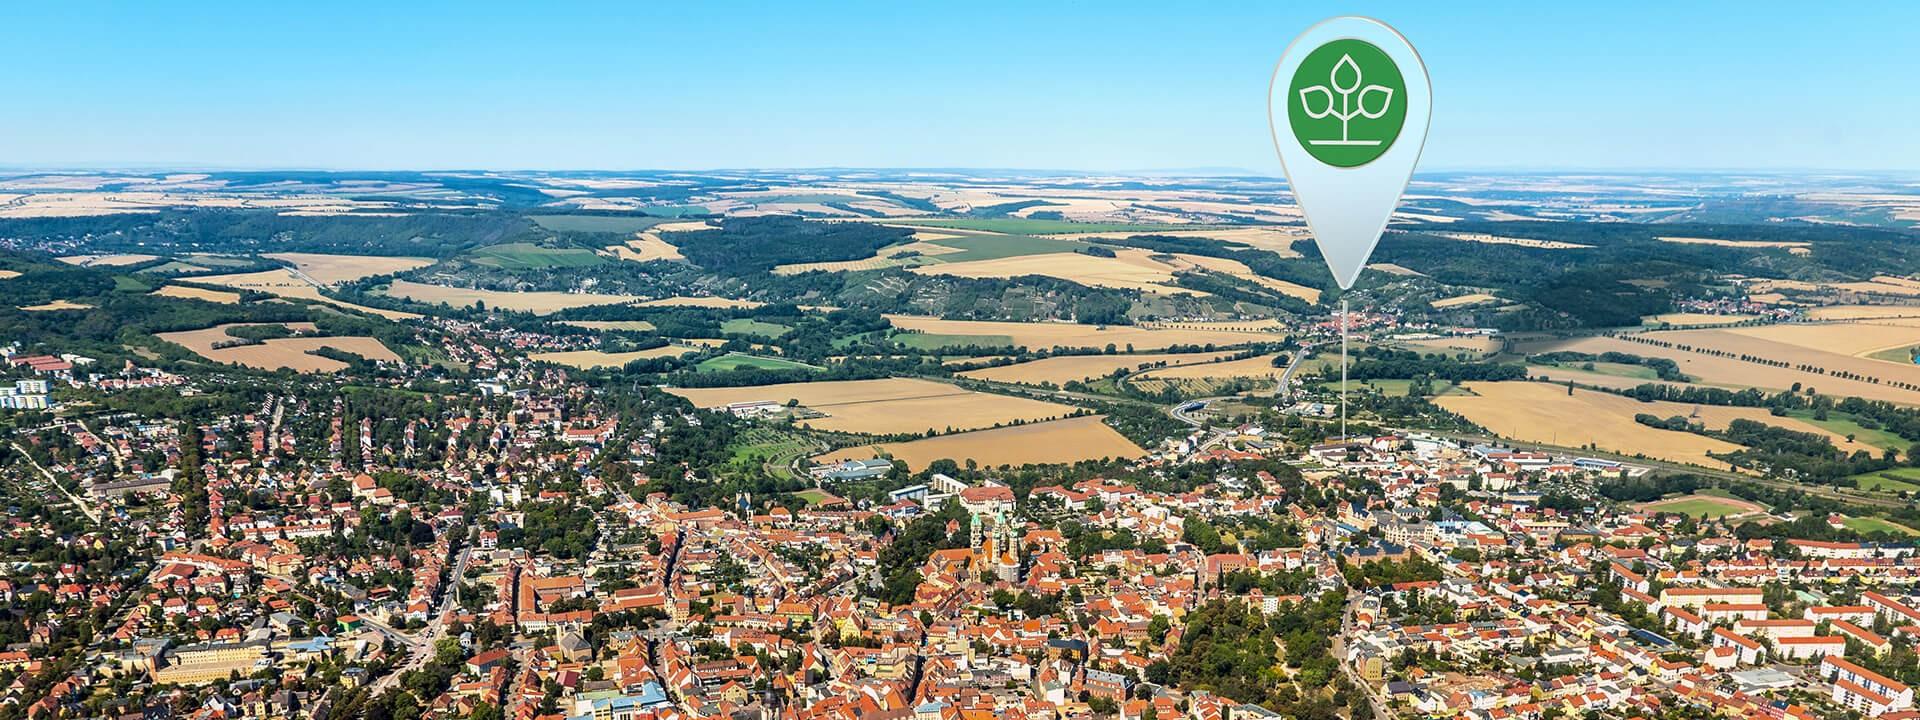 Luftbild von Naumburg